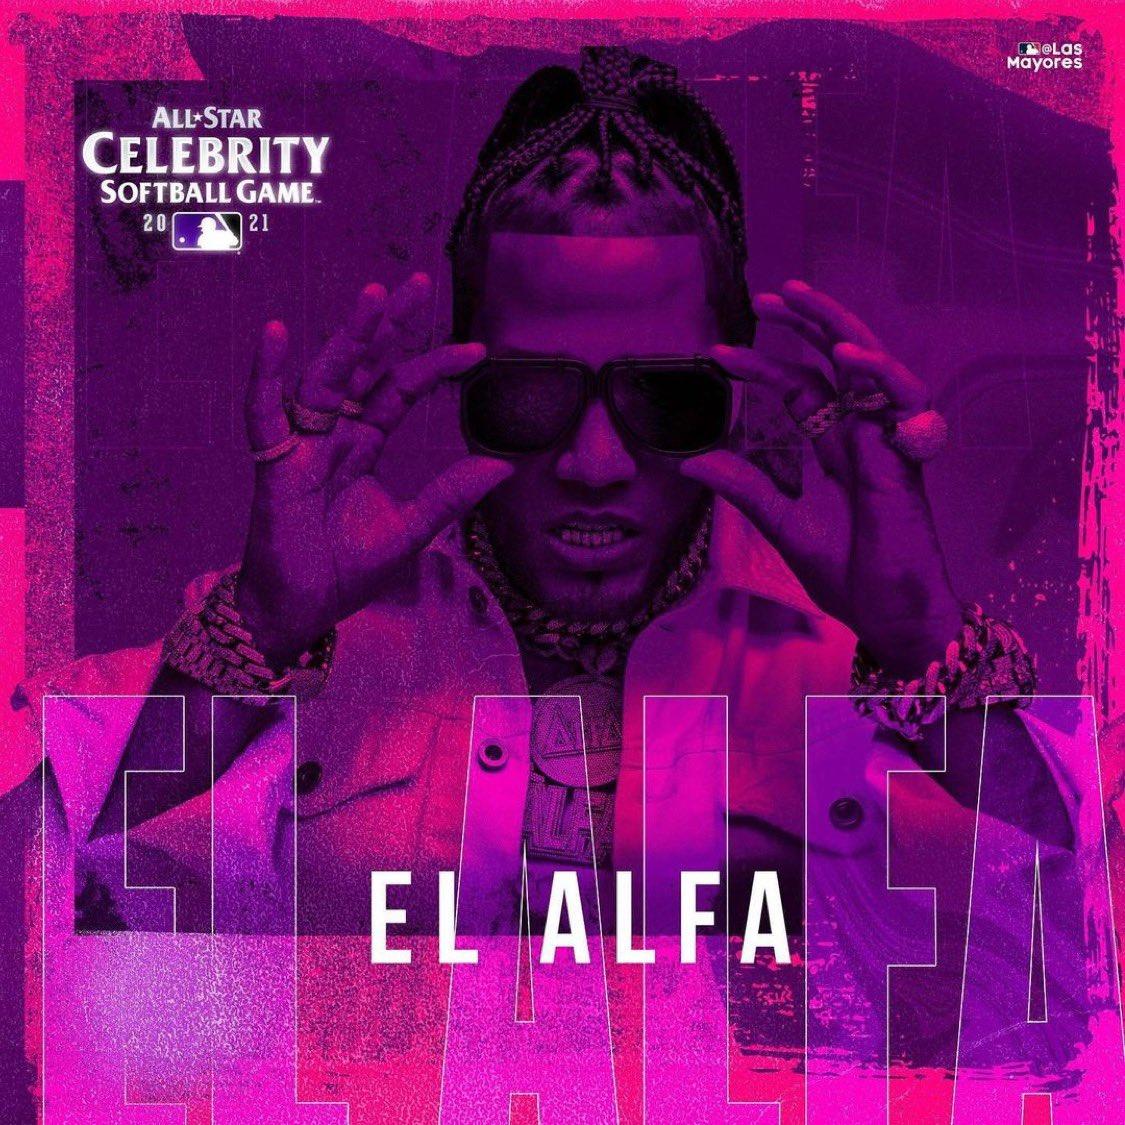 Artista urbano El Alfa participará en el Juego de Estrellas de Celebridades